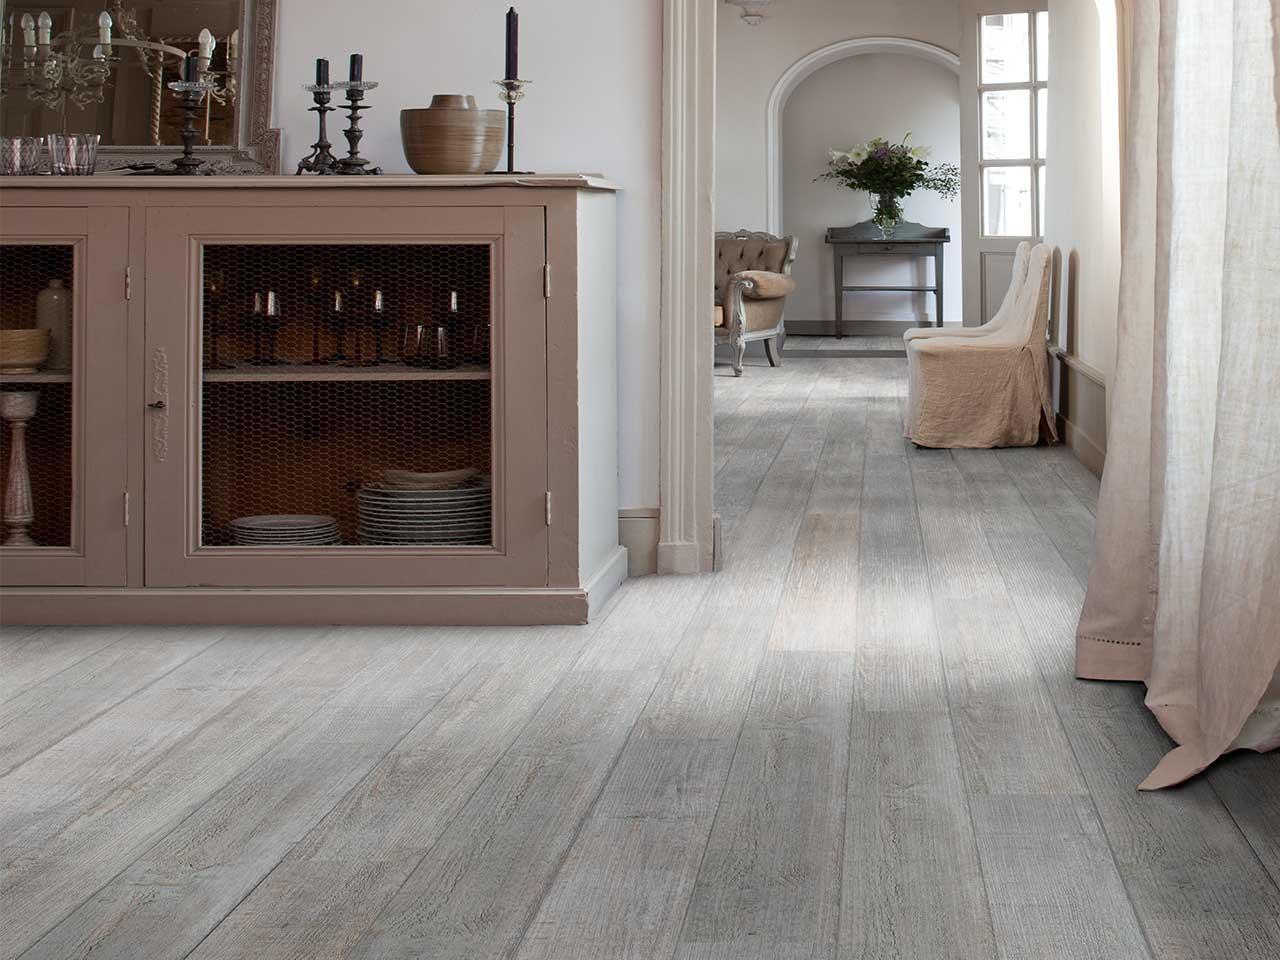 Pavimenti in finta pietra per interni for Piastrelle pvc adesive